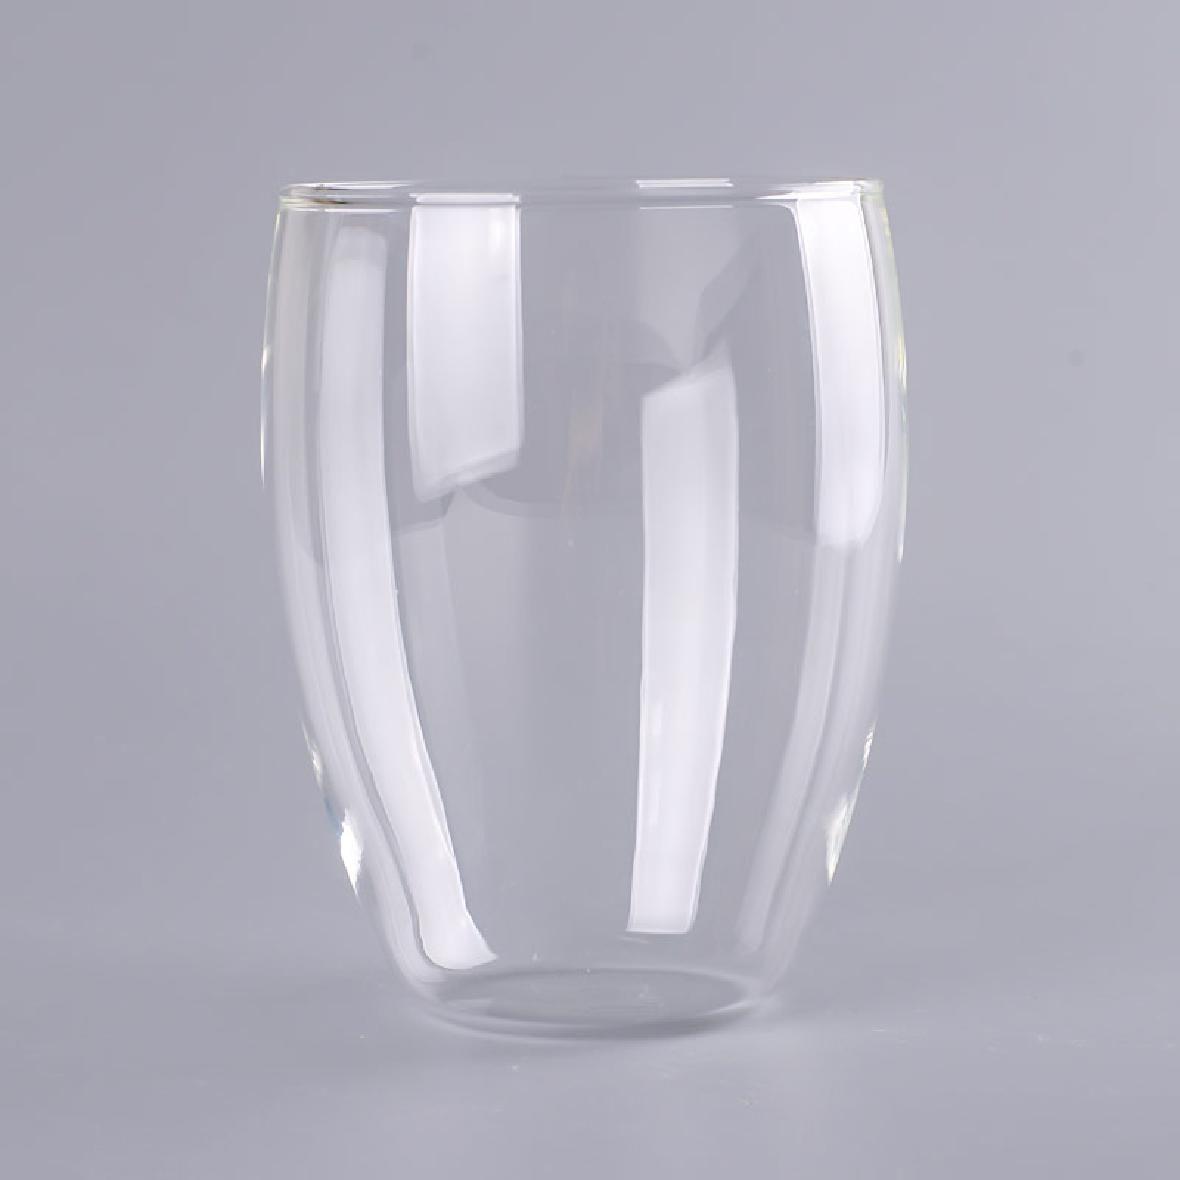 高硼硅玻璃制品|高硼硅玻璃制品